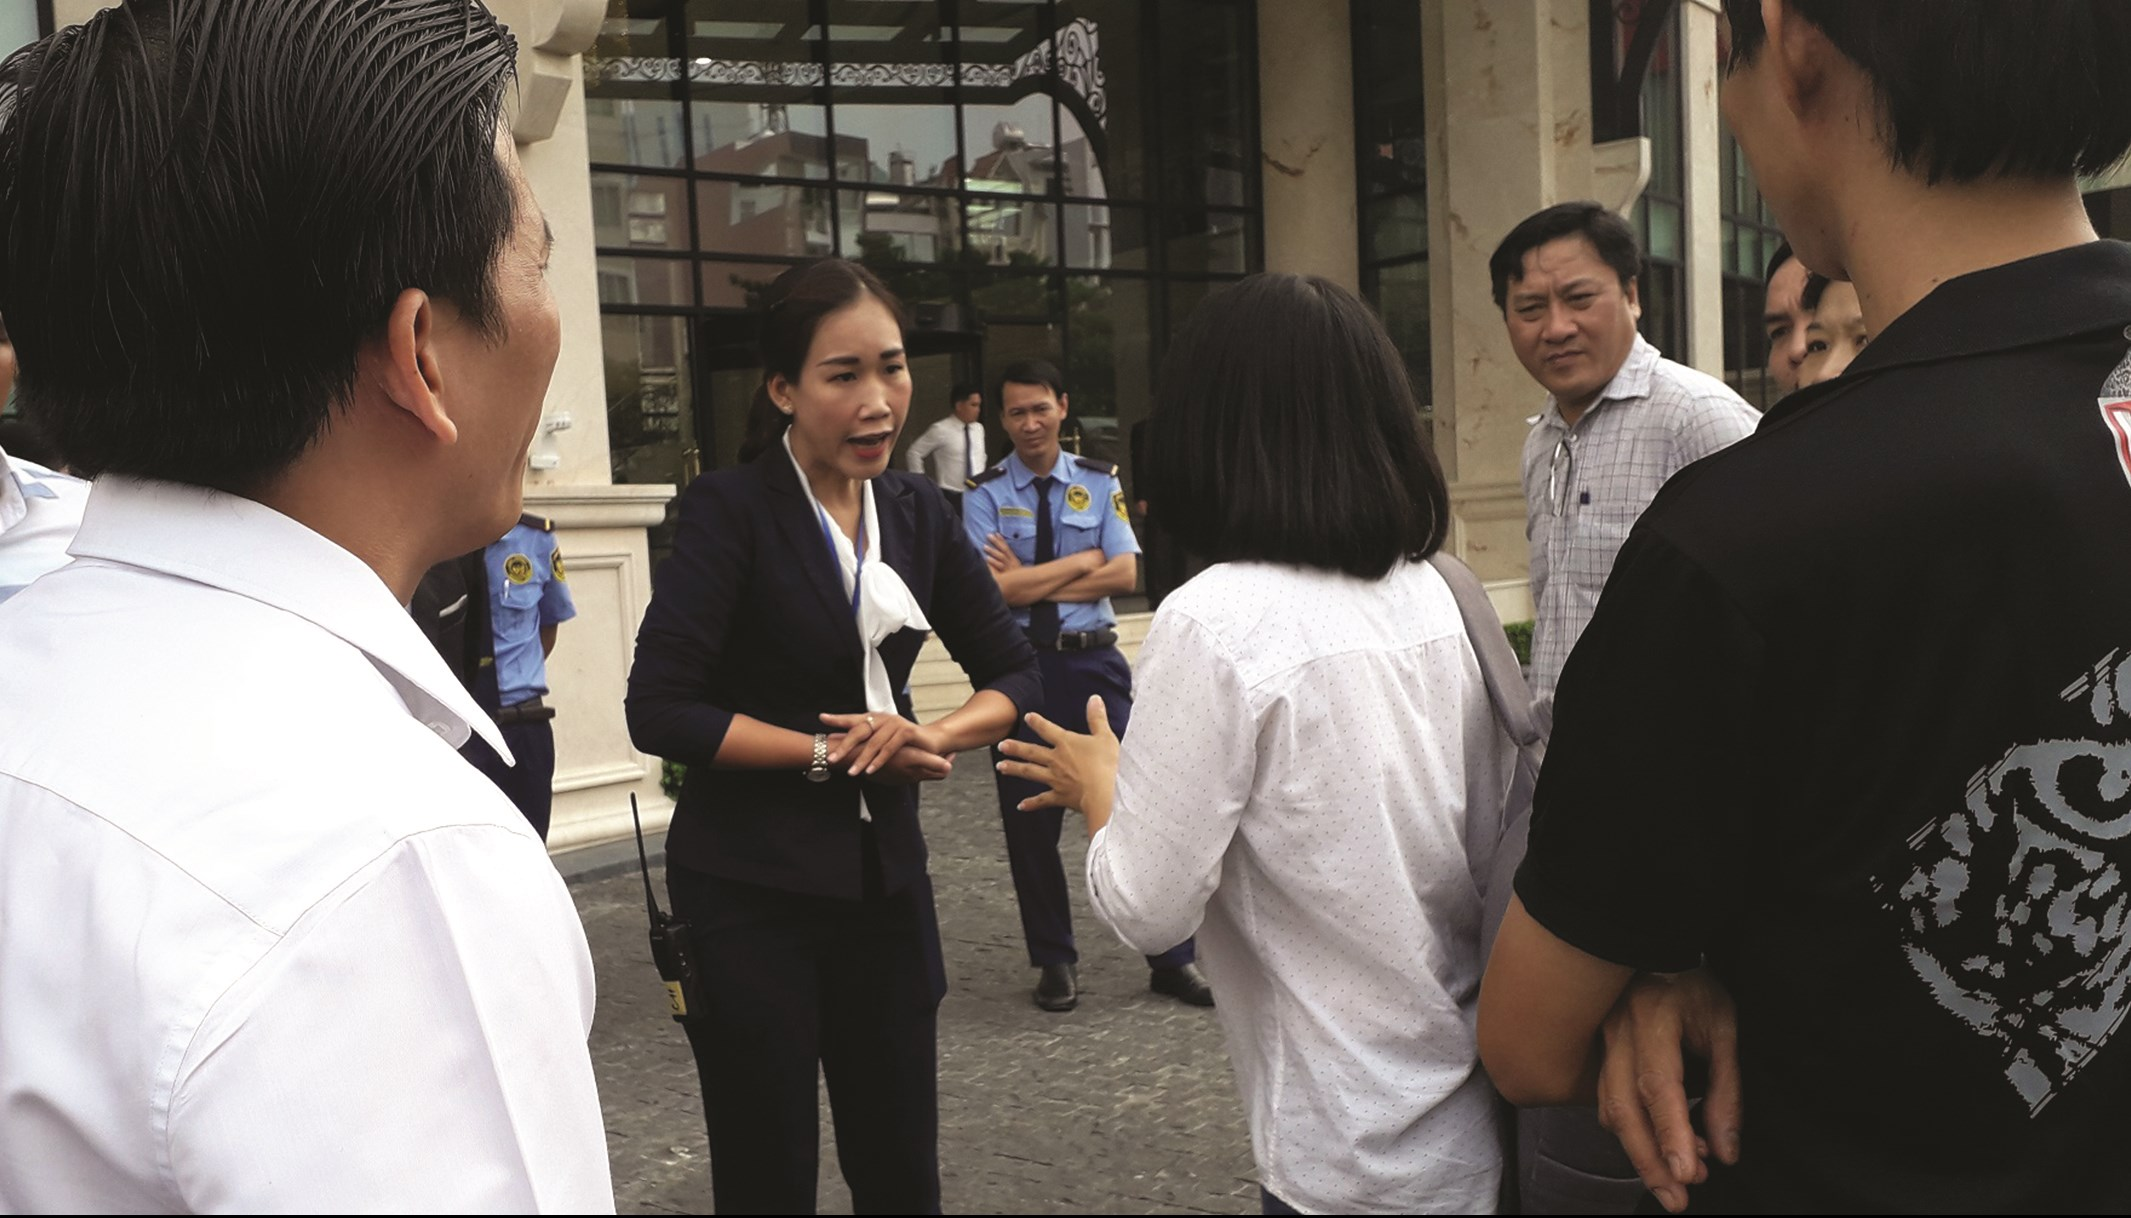 Đại diện Đất Xanh Group (người mặc áo vest) giải thích với khách hàng đang khiếu kiện nhiều năm qua.